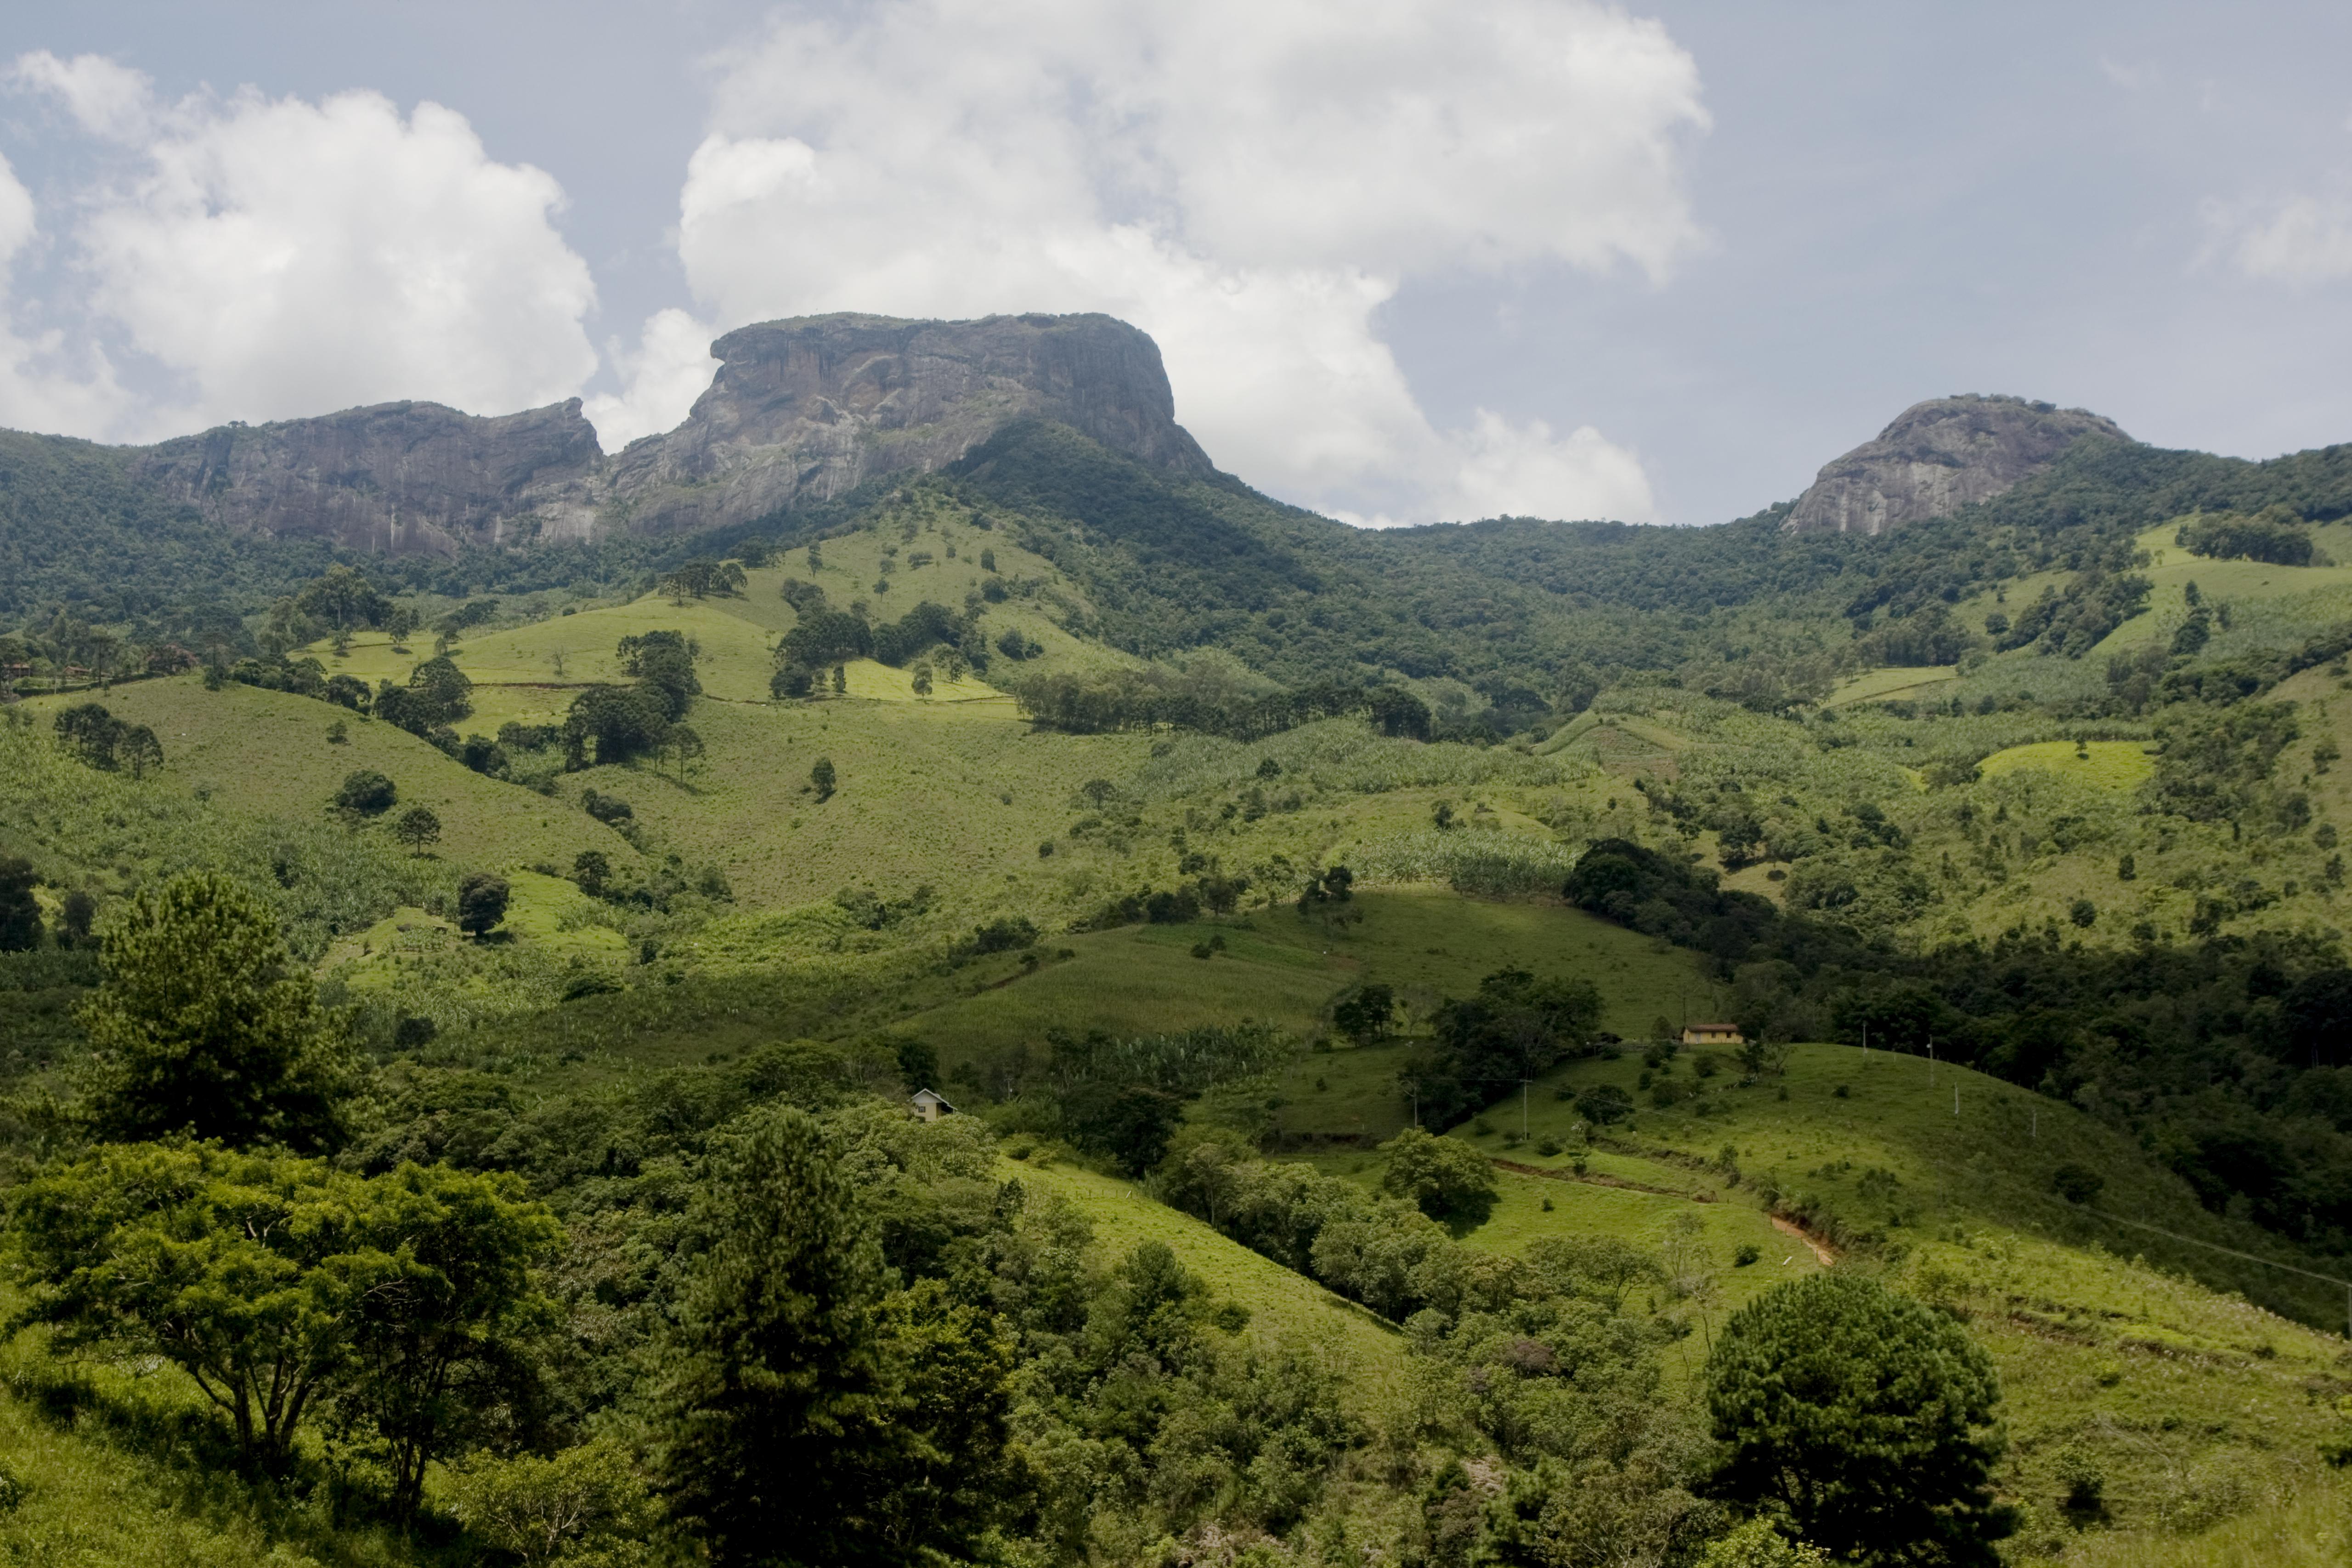 A Pedra do Baú, localizada em São Bento do Sapucaí/SP, representa um dos monumentos geológicos do Estado de São Paulo abertos à visitação.